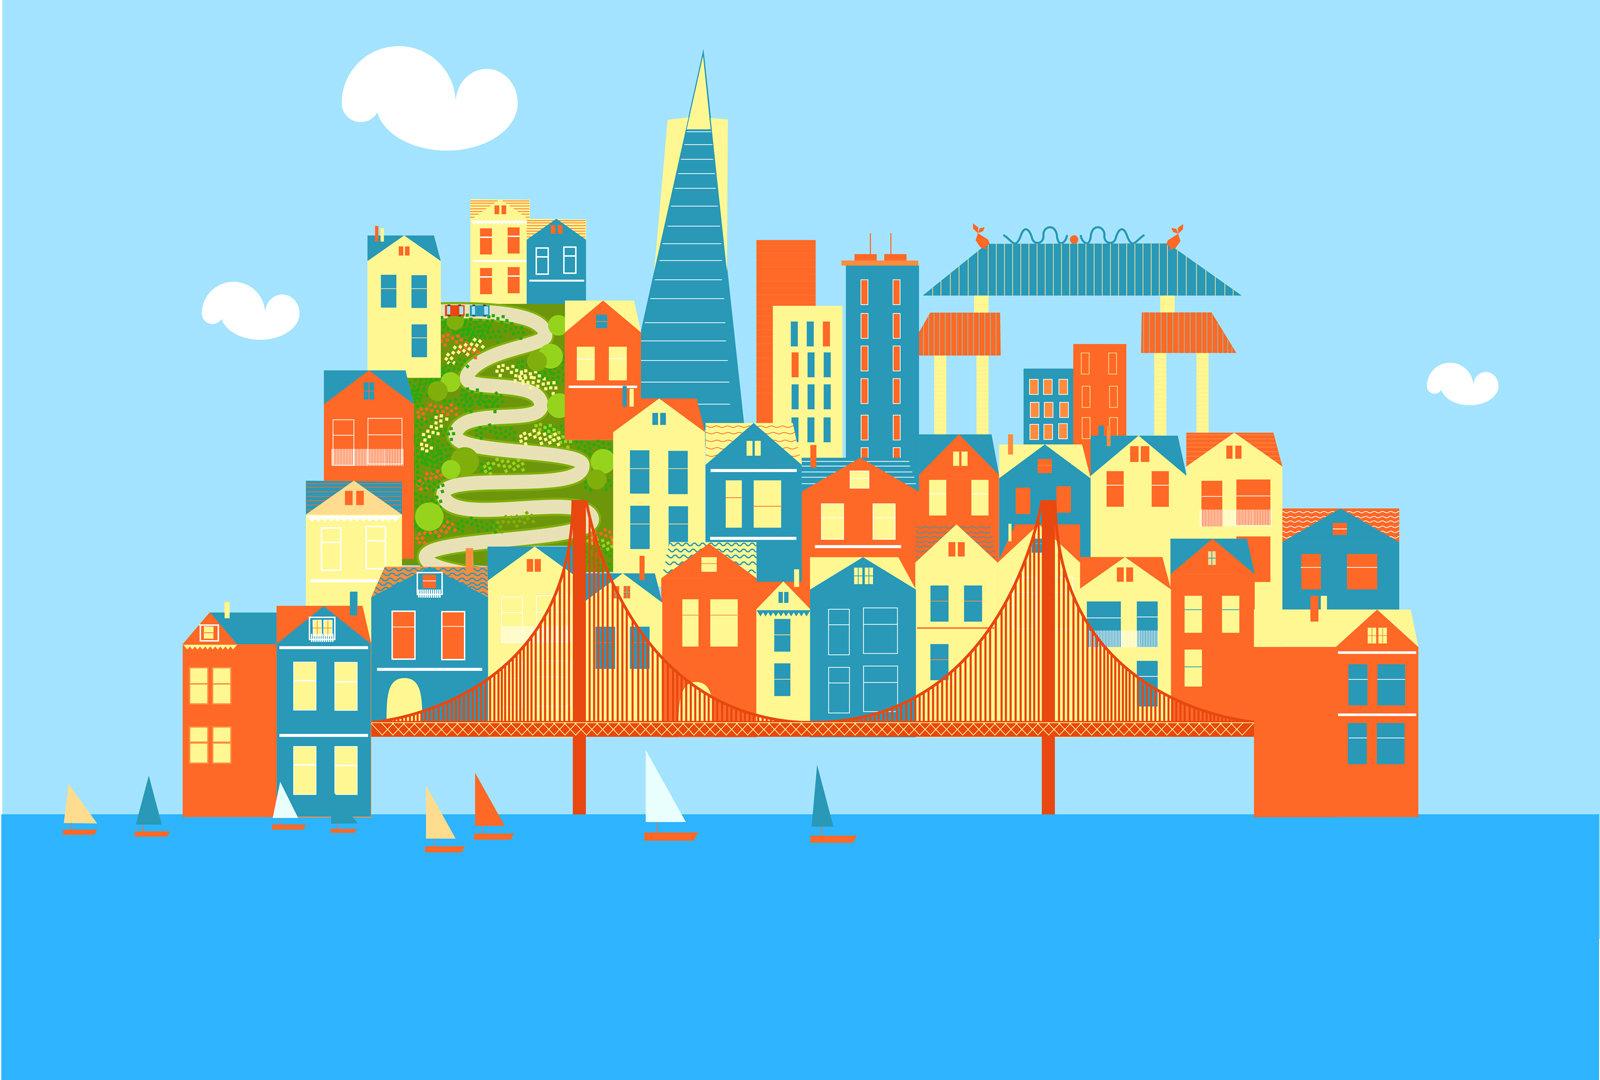 san-francisco-art-stories-cities-artstories4fun